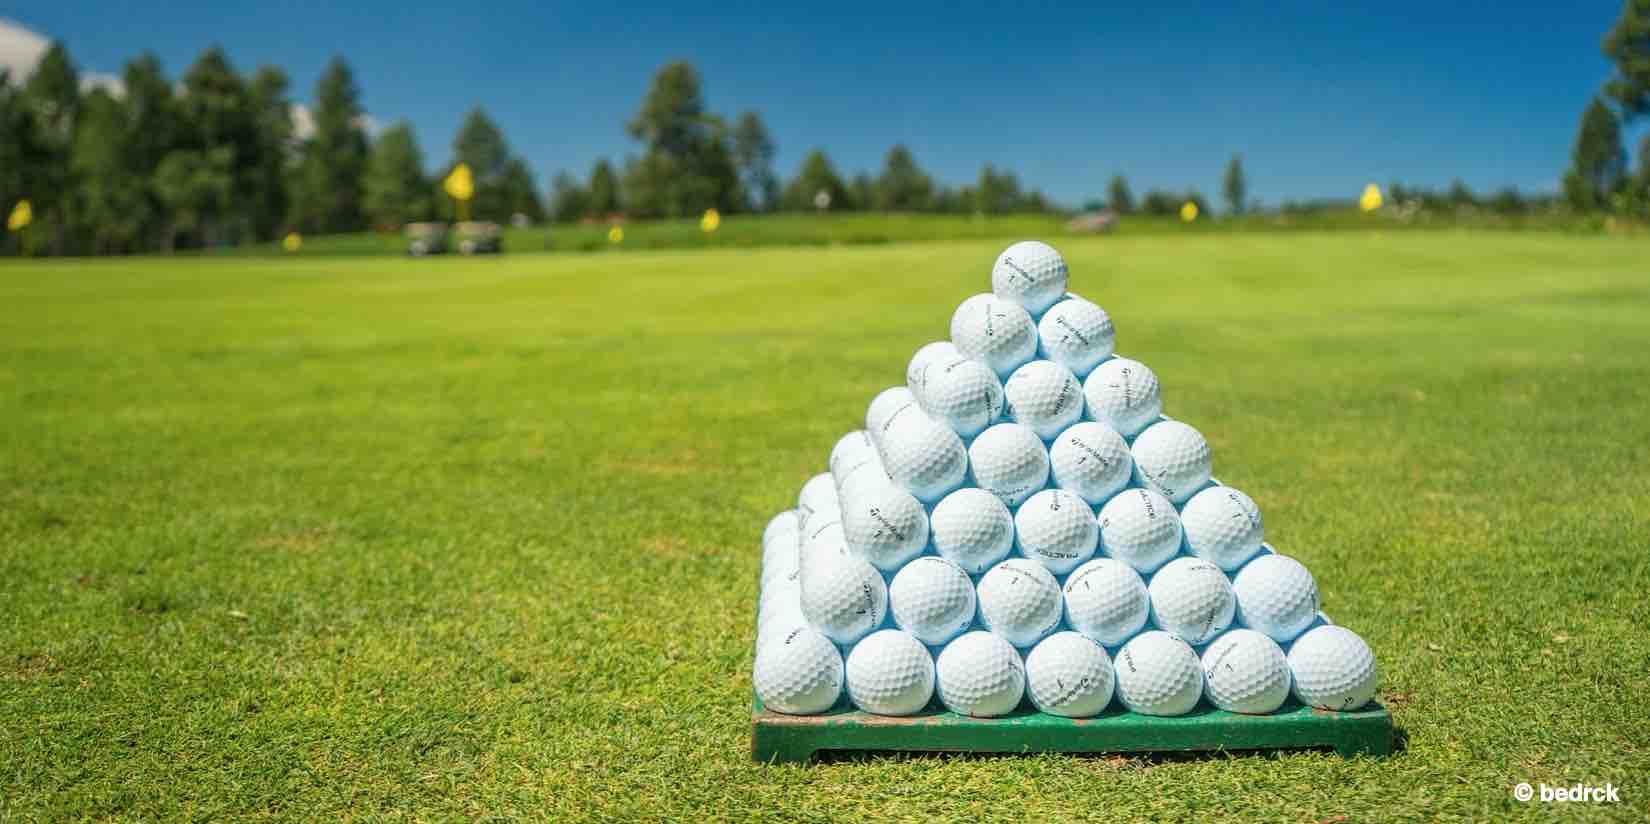 Idee rubate al golf: posti a sedere e ambientazione* - settesei.it